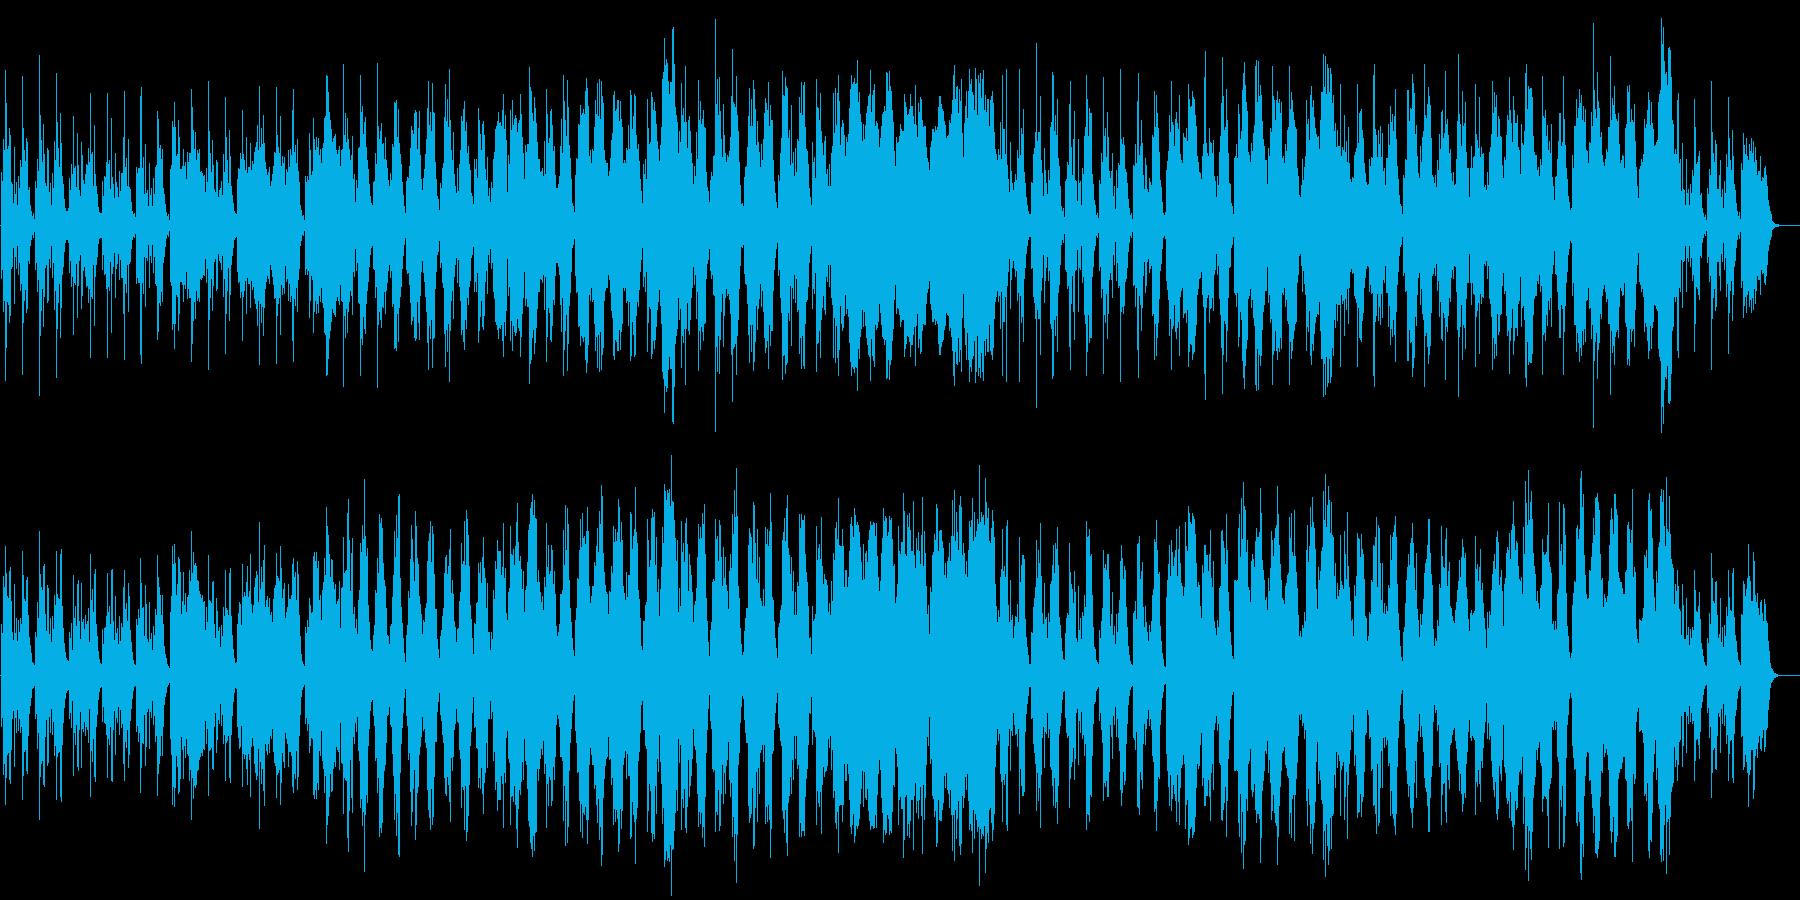 ハープと木製フルートの音色が美しい音楽の再生済みの波形